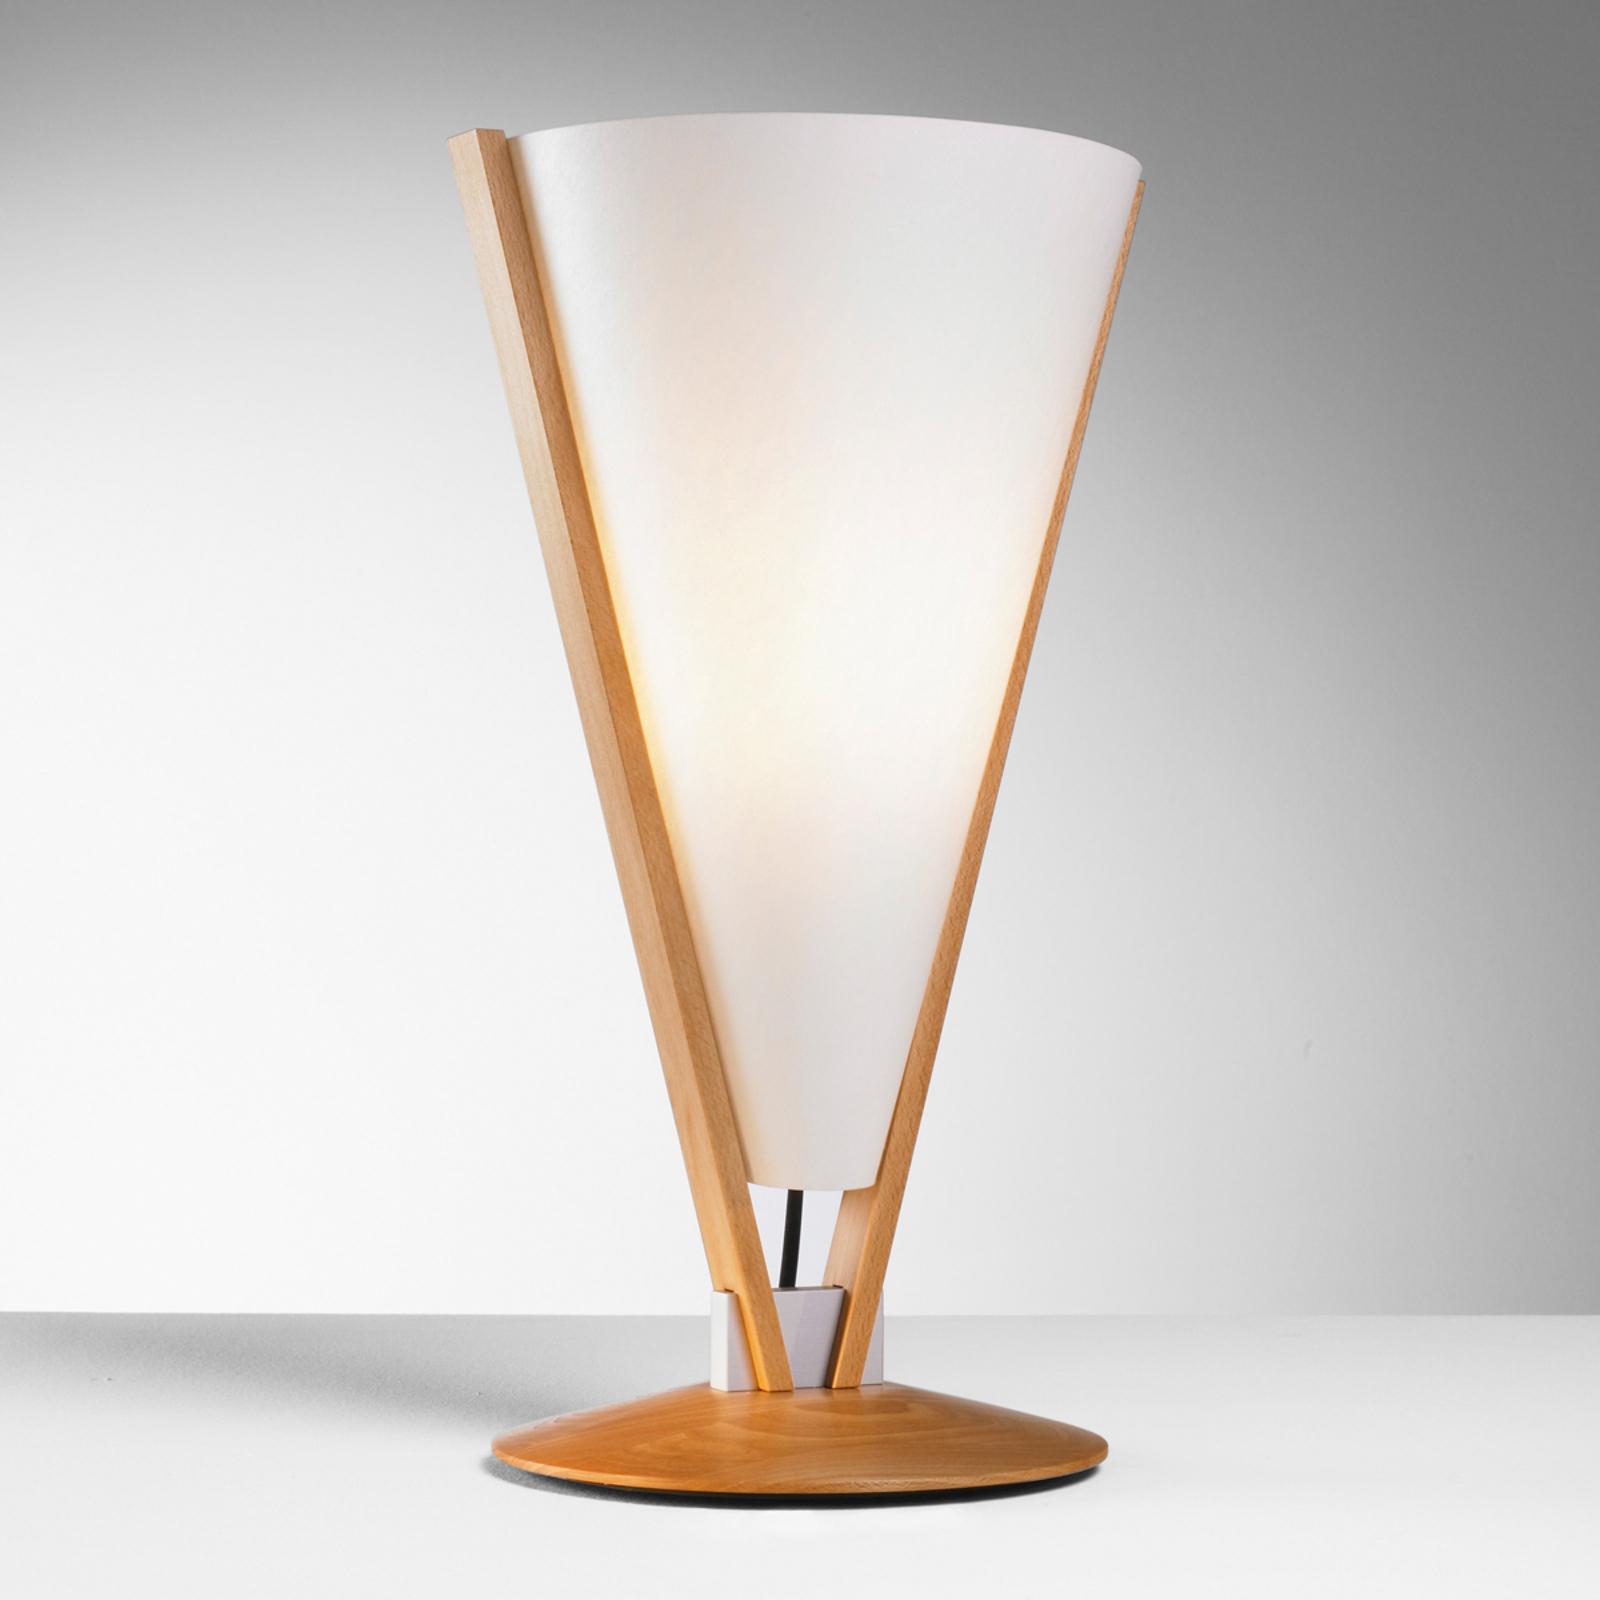 SEBA lampada da tavolo interruttore a mano, faggio